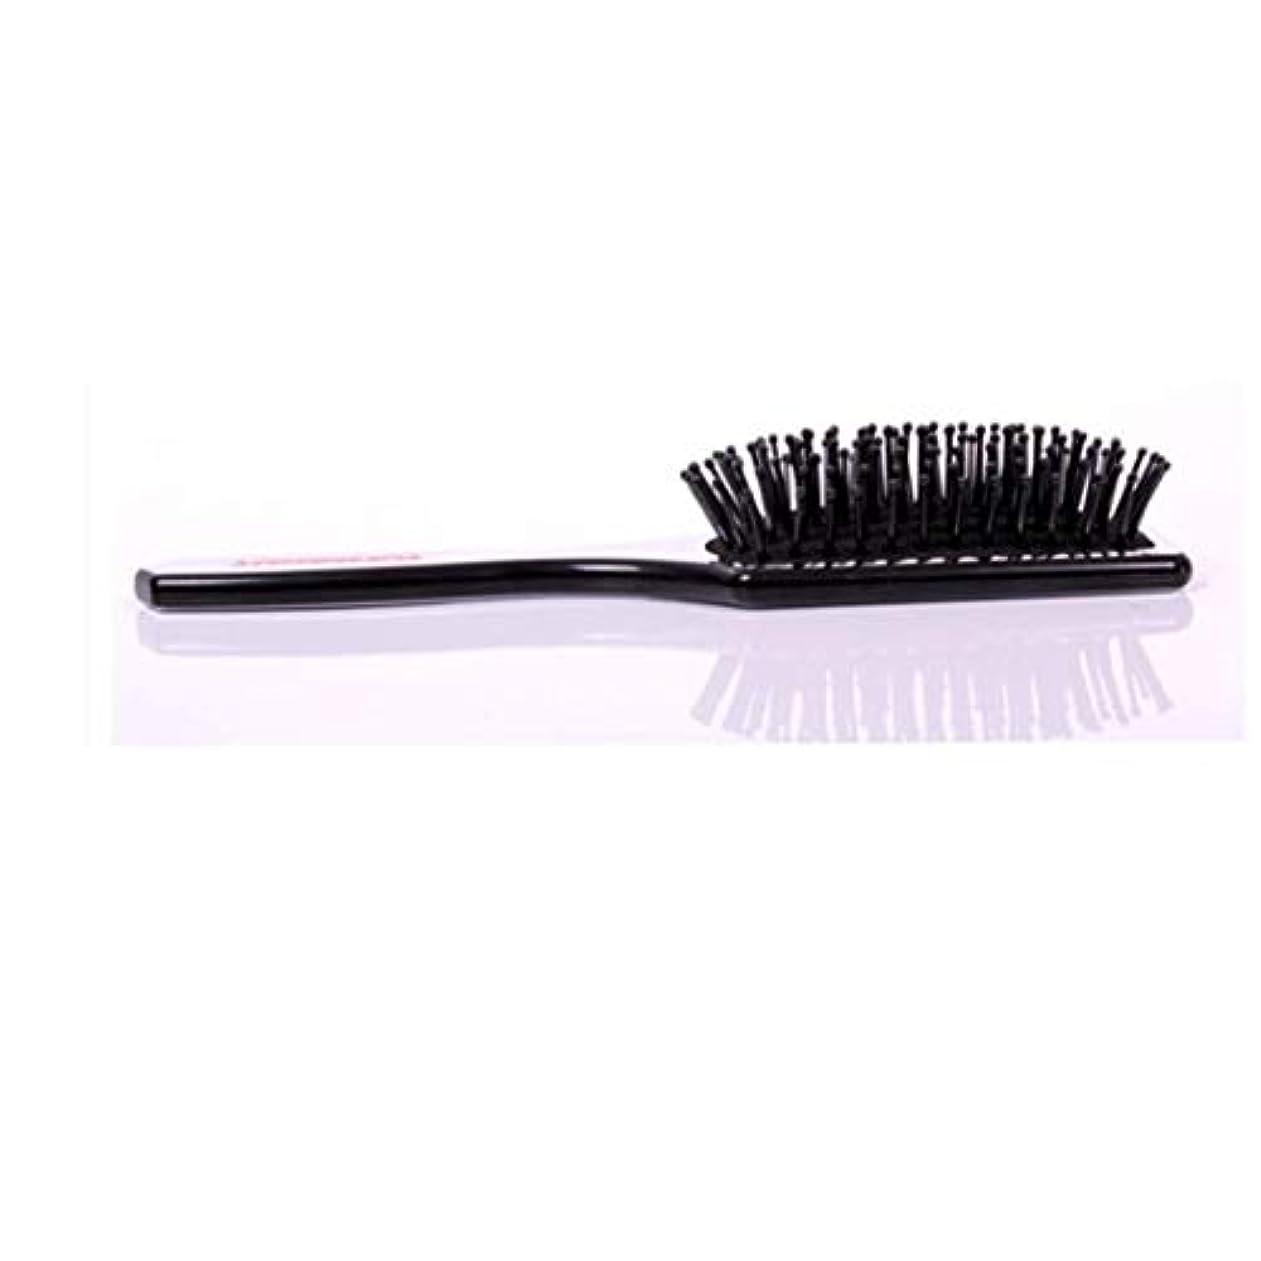 セールスマン代わりにアラブFashianヘアブラシマッサージ髪の毛と頭皮の熱と耐久性のある帯電防止スタイリングくしサイズL/S ヘアケア (サイズ : S)